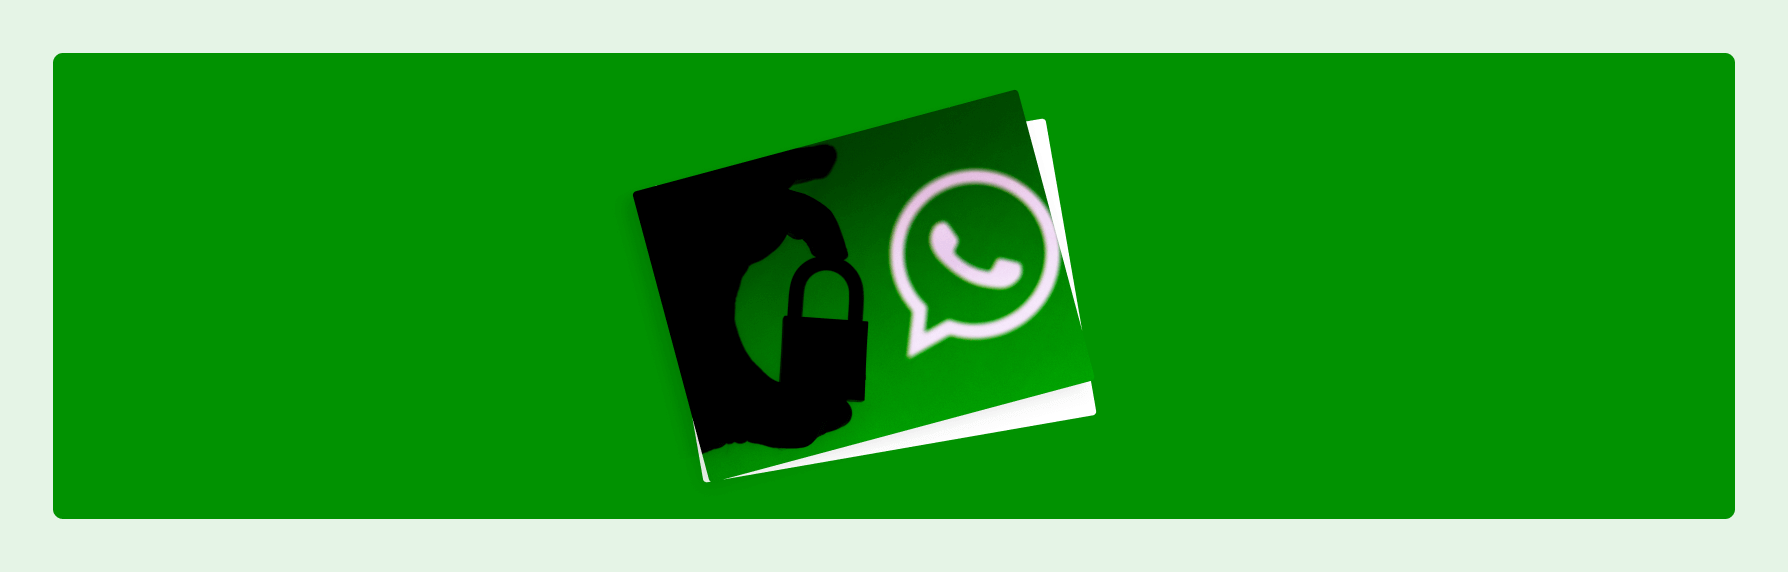 WhatsApp & DSGVO: Dürfen Unternehmen WhatsApp einsetzen?